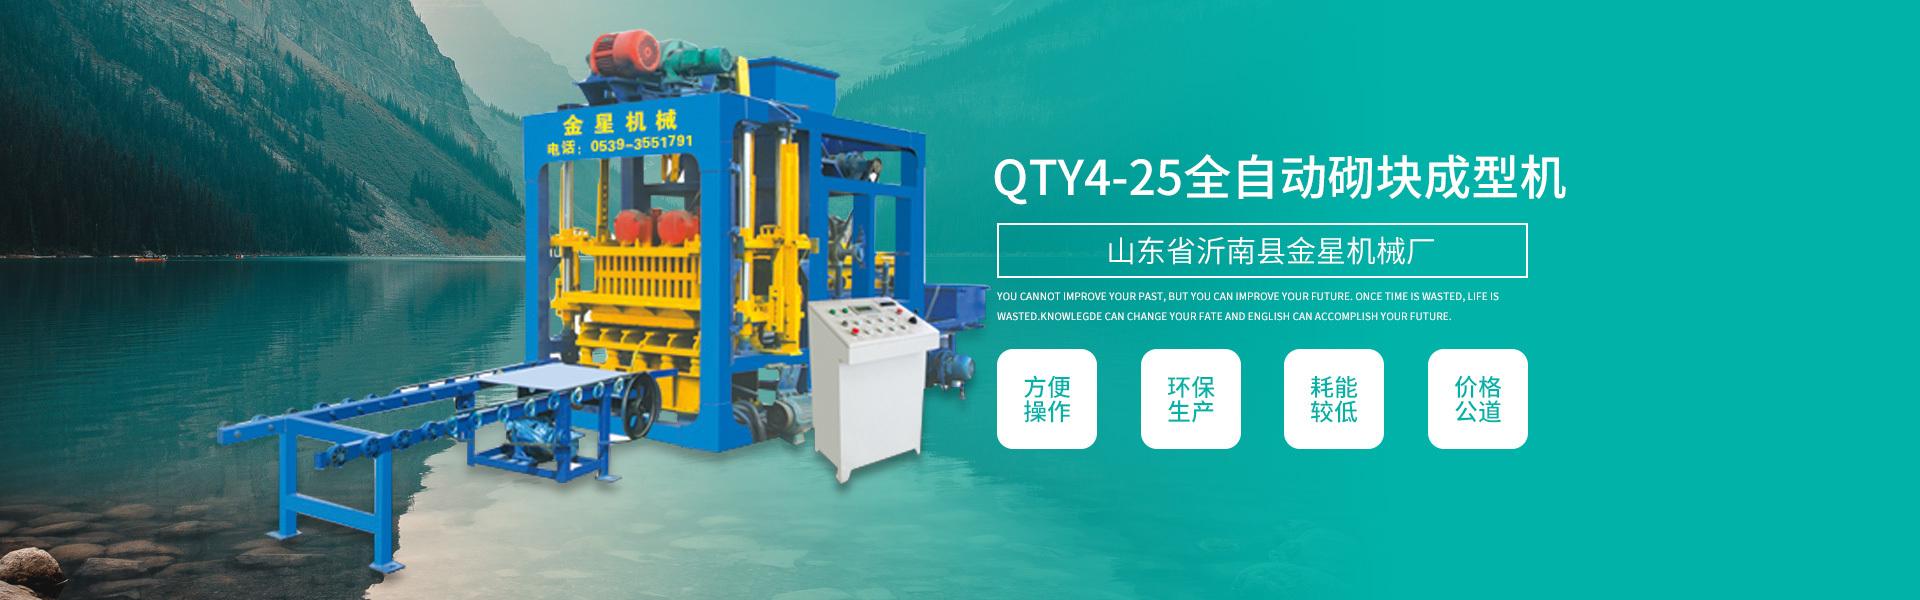 山东免烧砖机,液压砖机,全自动砌块成型机,全自动透水砖机设备